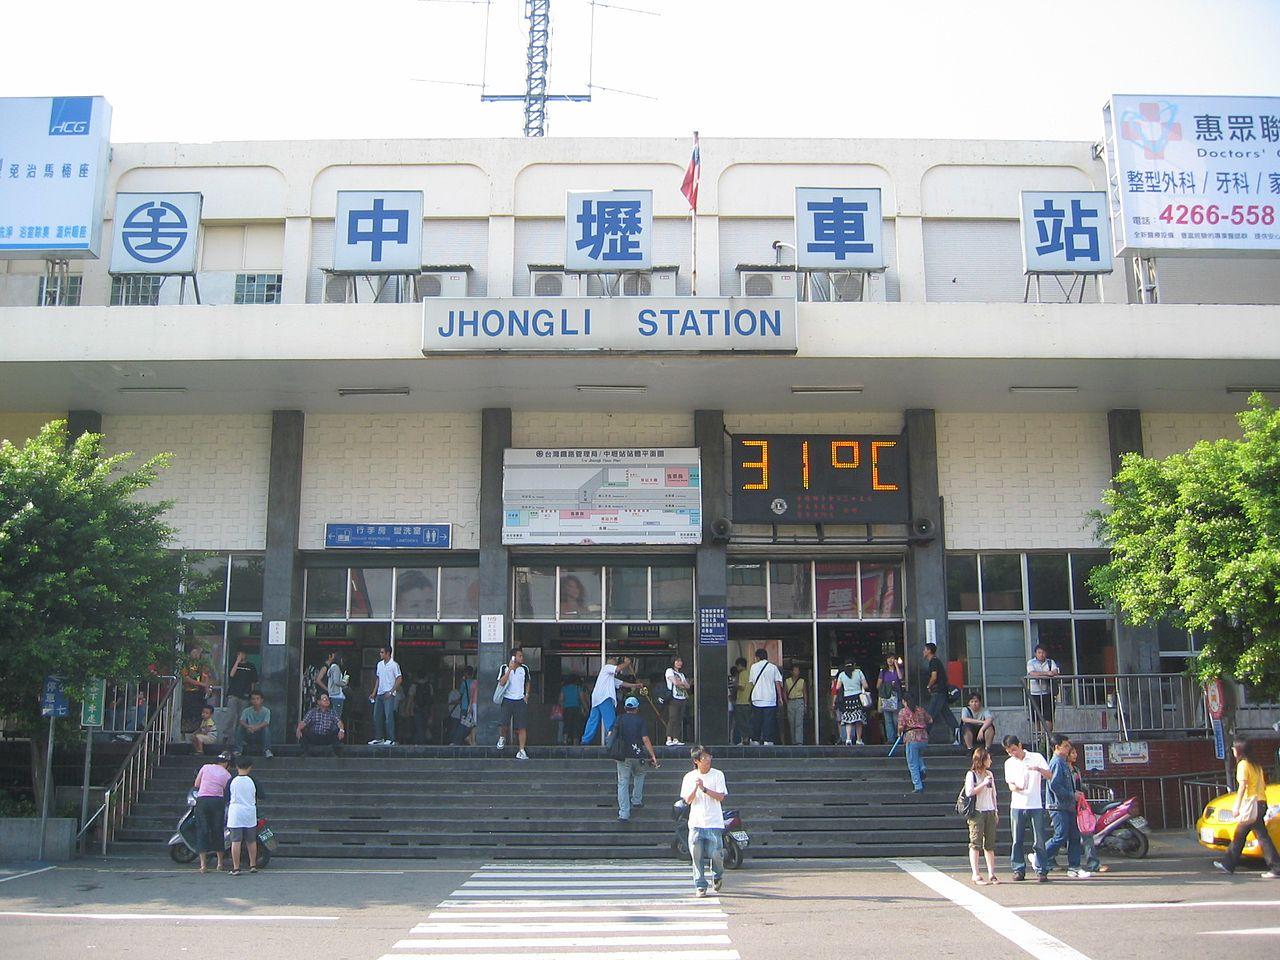 桃園中壢火車站21家周邊美食懶人包,坐火車來中壢吃美食啦~